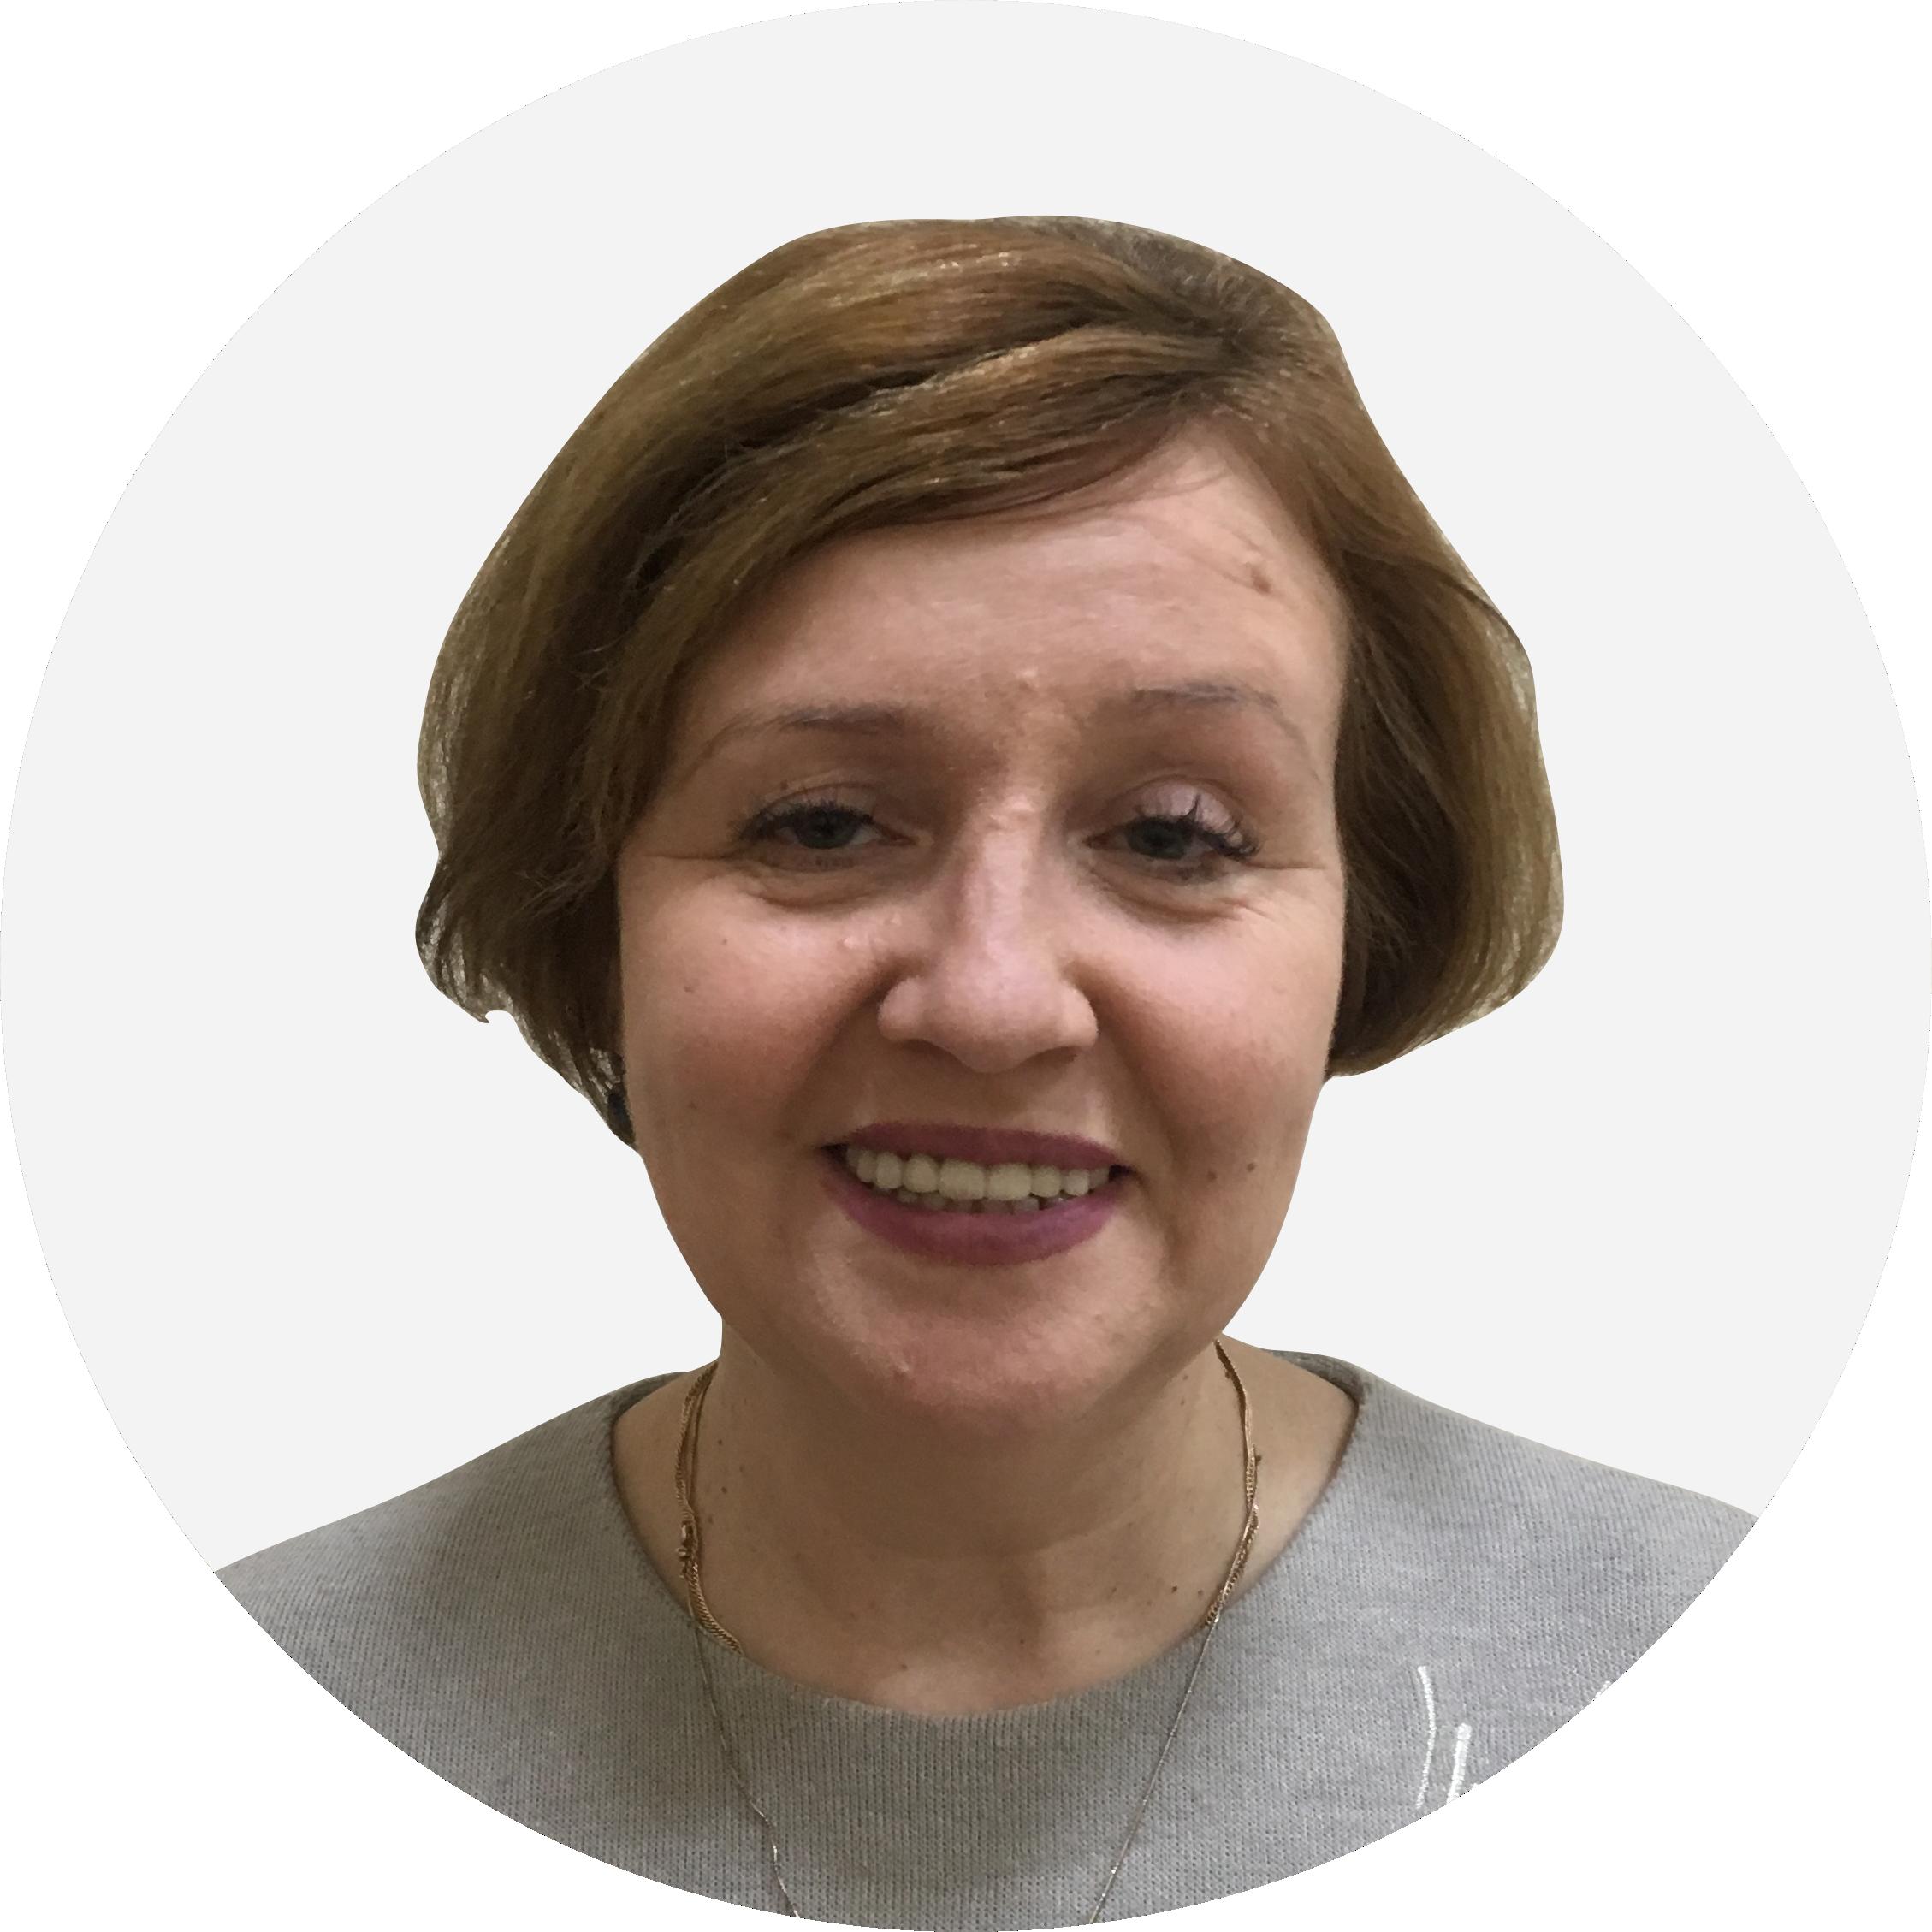 Егельская Людмила Александровна - репетитор ЕГЭ и ОГЭ